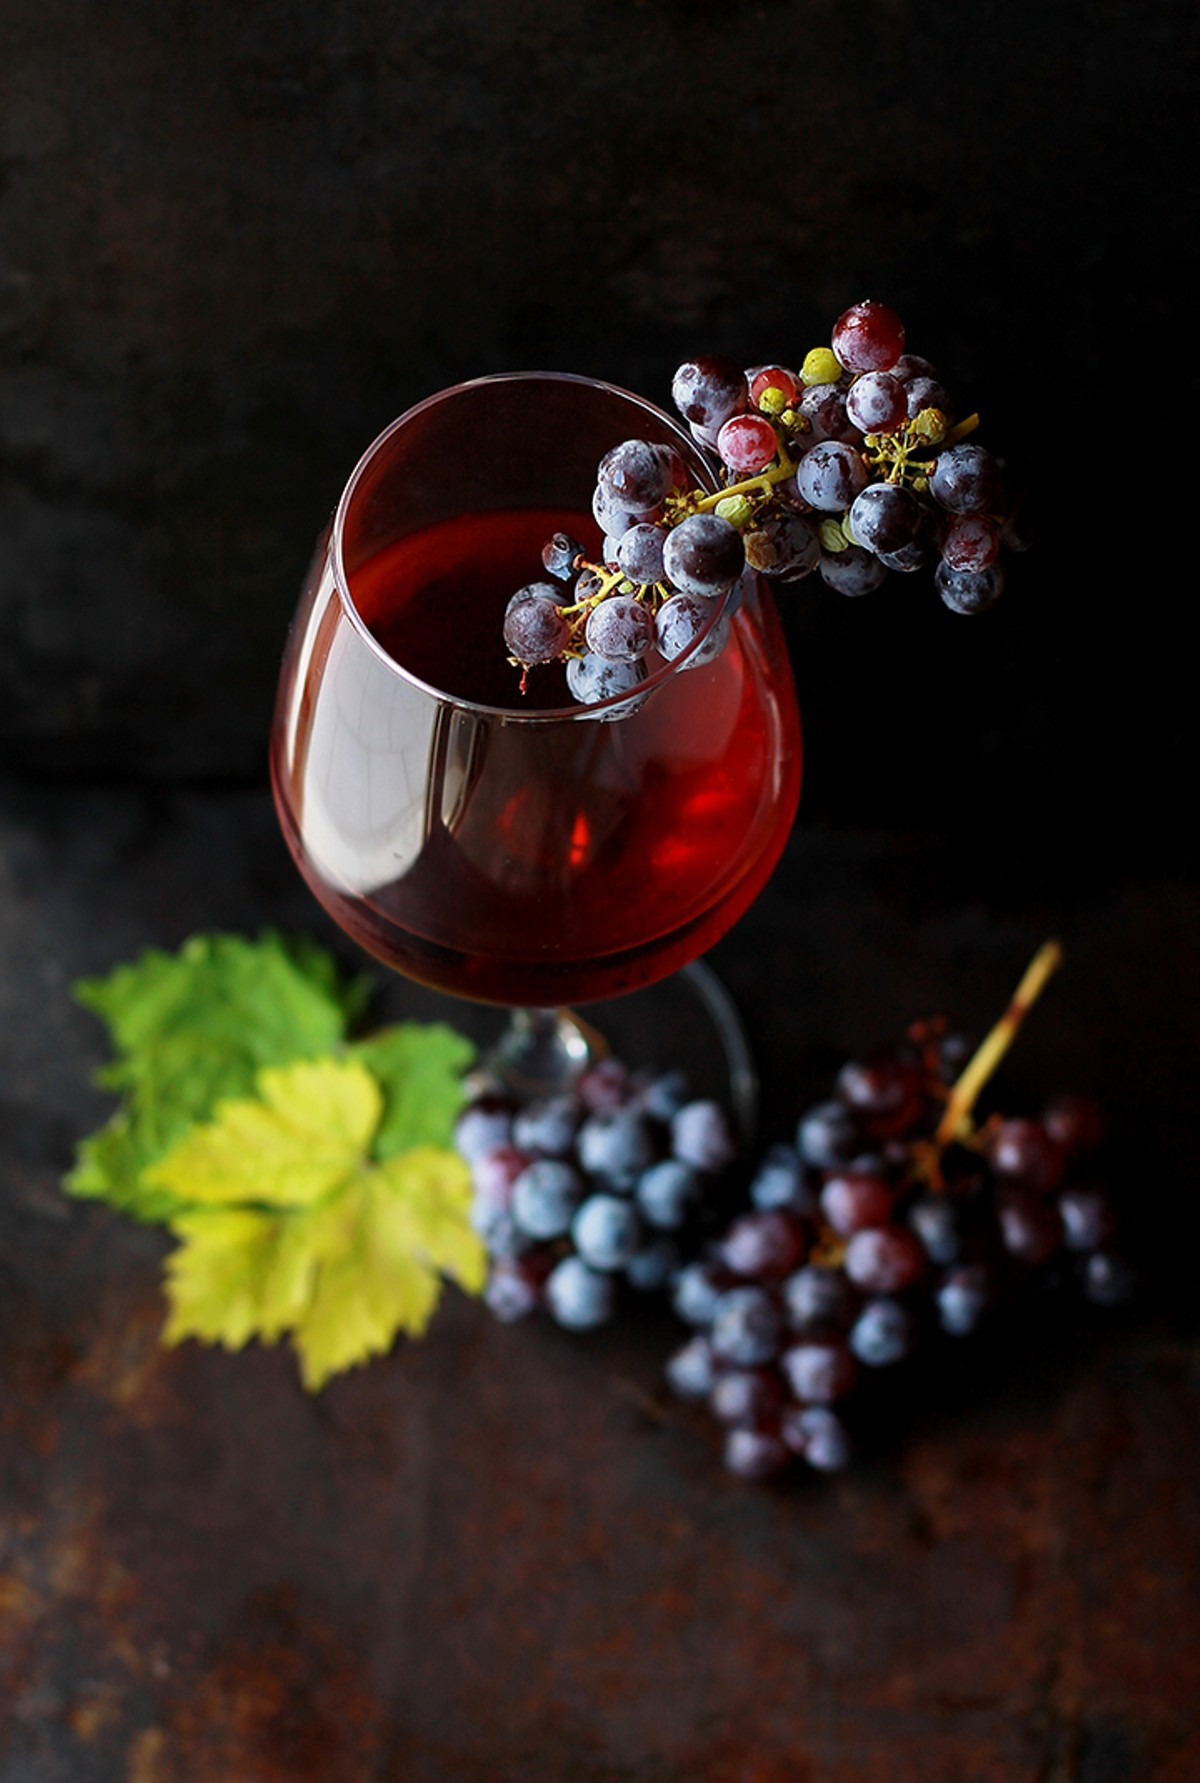 gal_drink_science_of_wine_credit_roberta_sorge.jpg